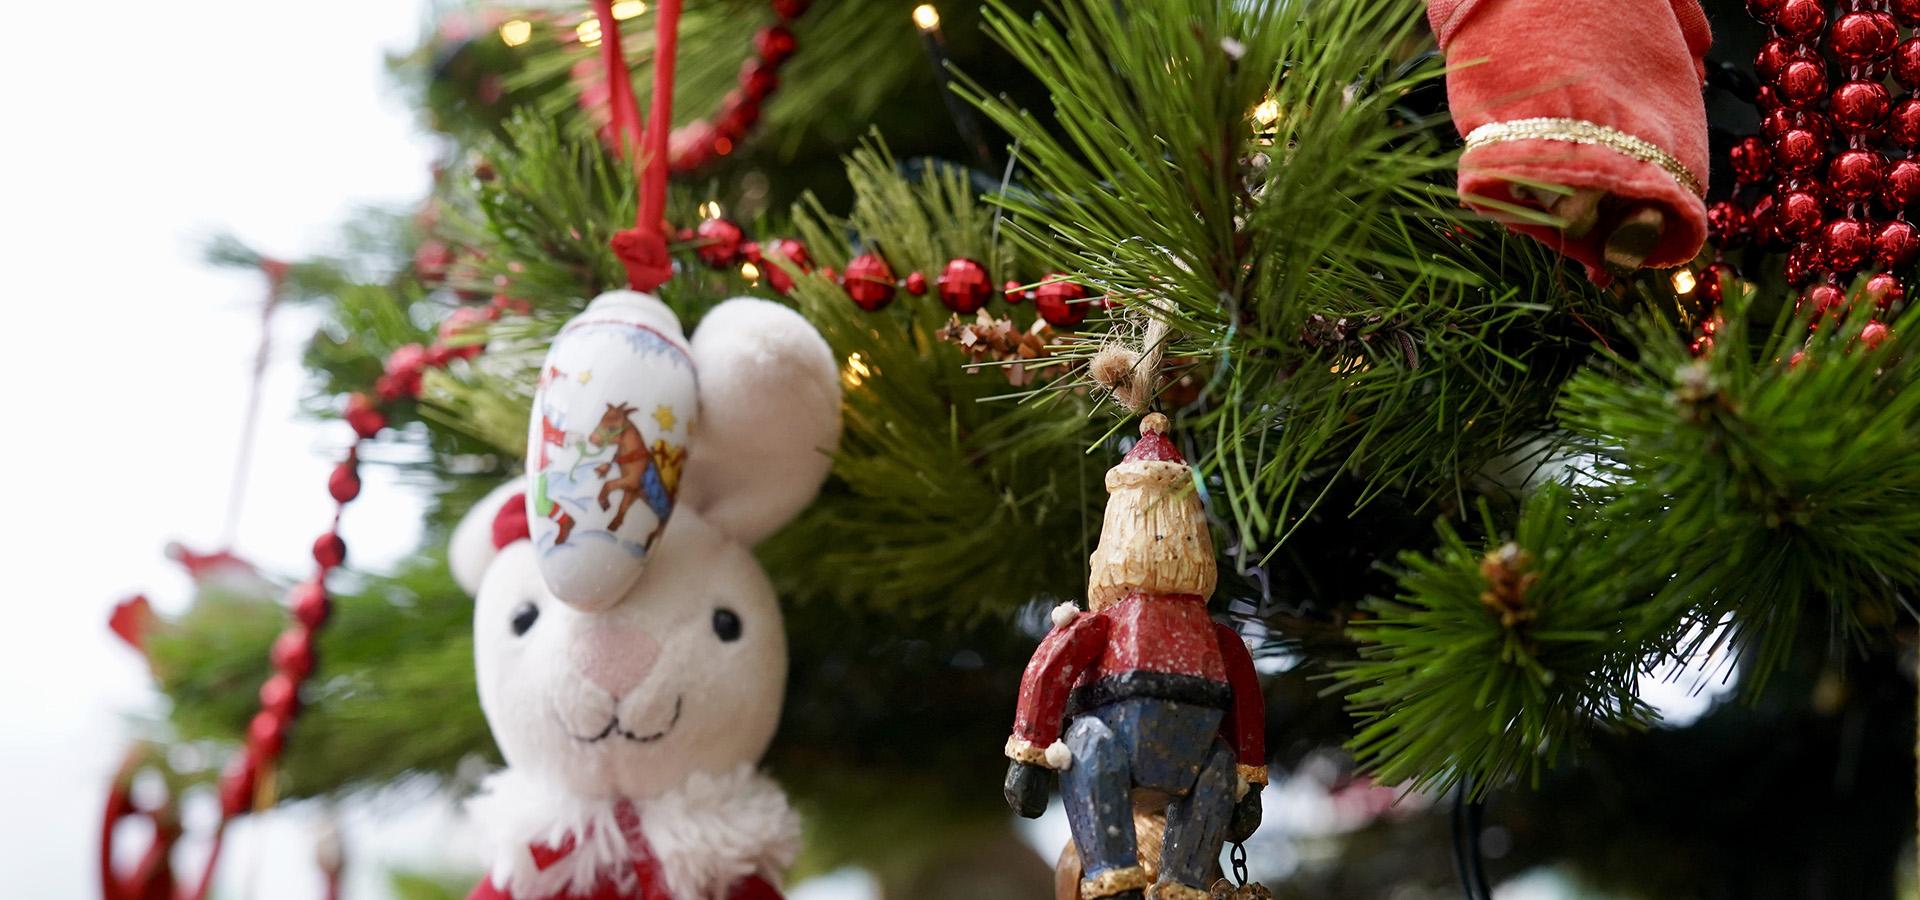 Juletræ affald bortskaffes